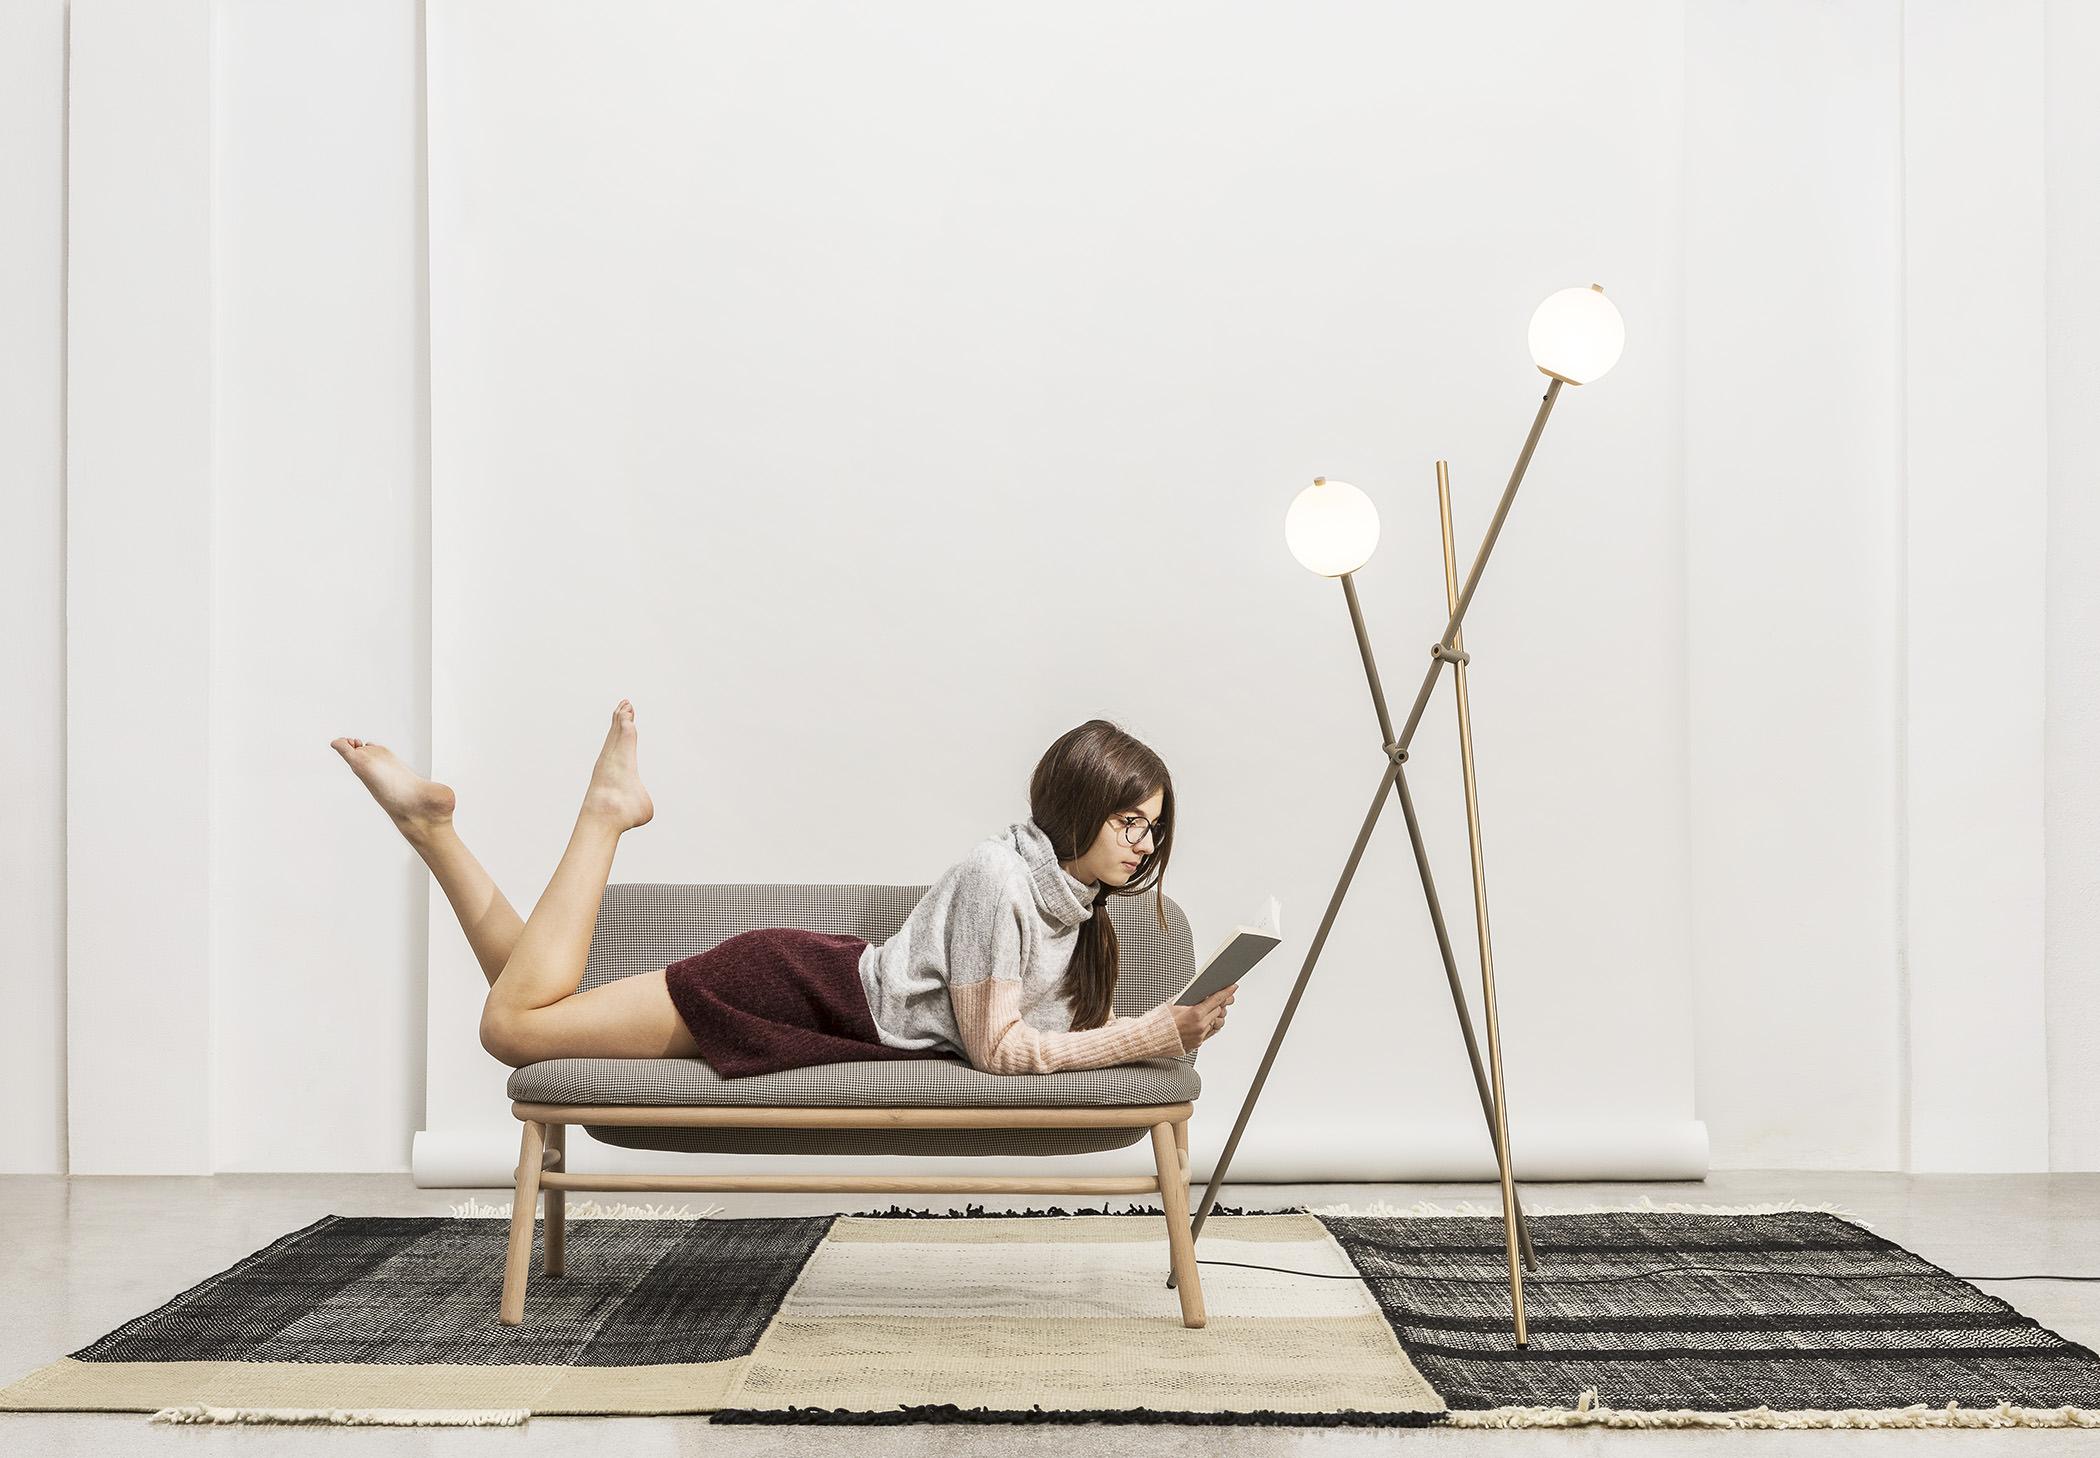 Asana P 3769 Floor Lamp Estiluz Image Ambient 02 1